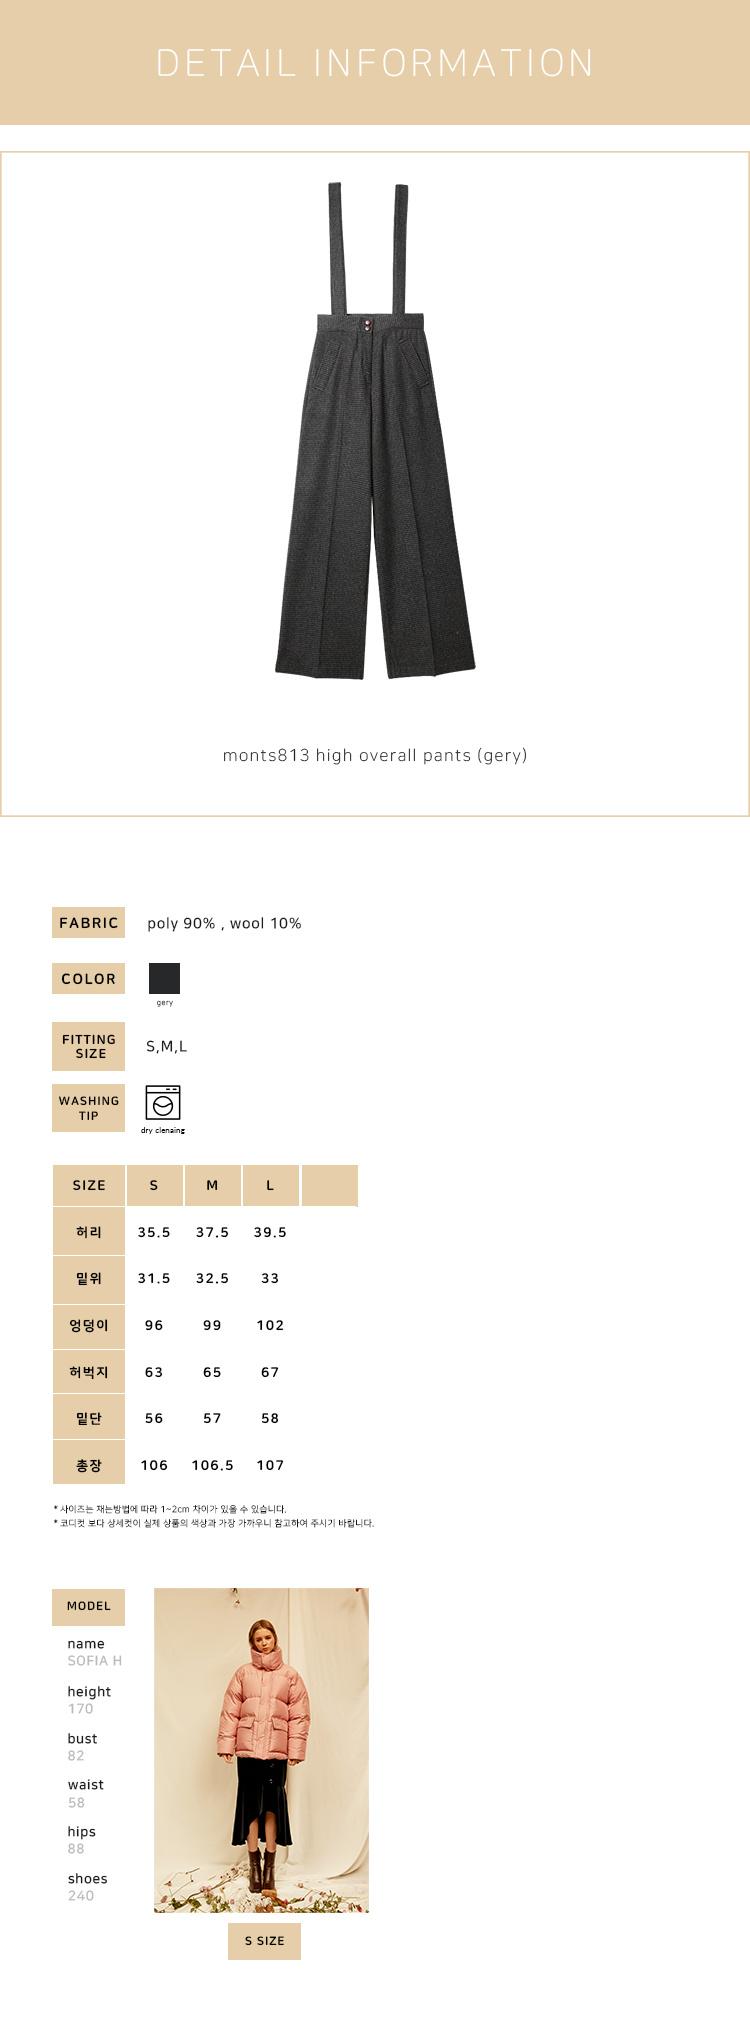 몬츠(MONTS) 813 high overall pants (gery)